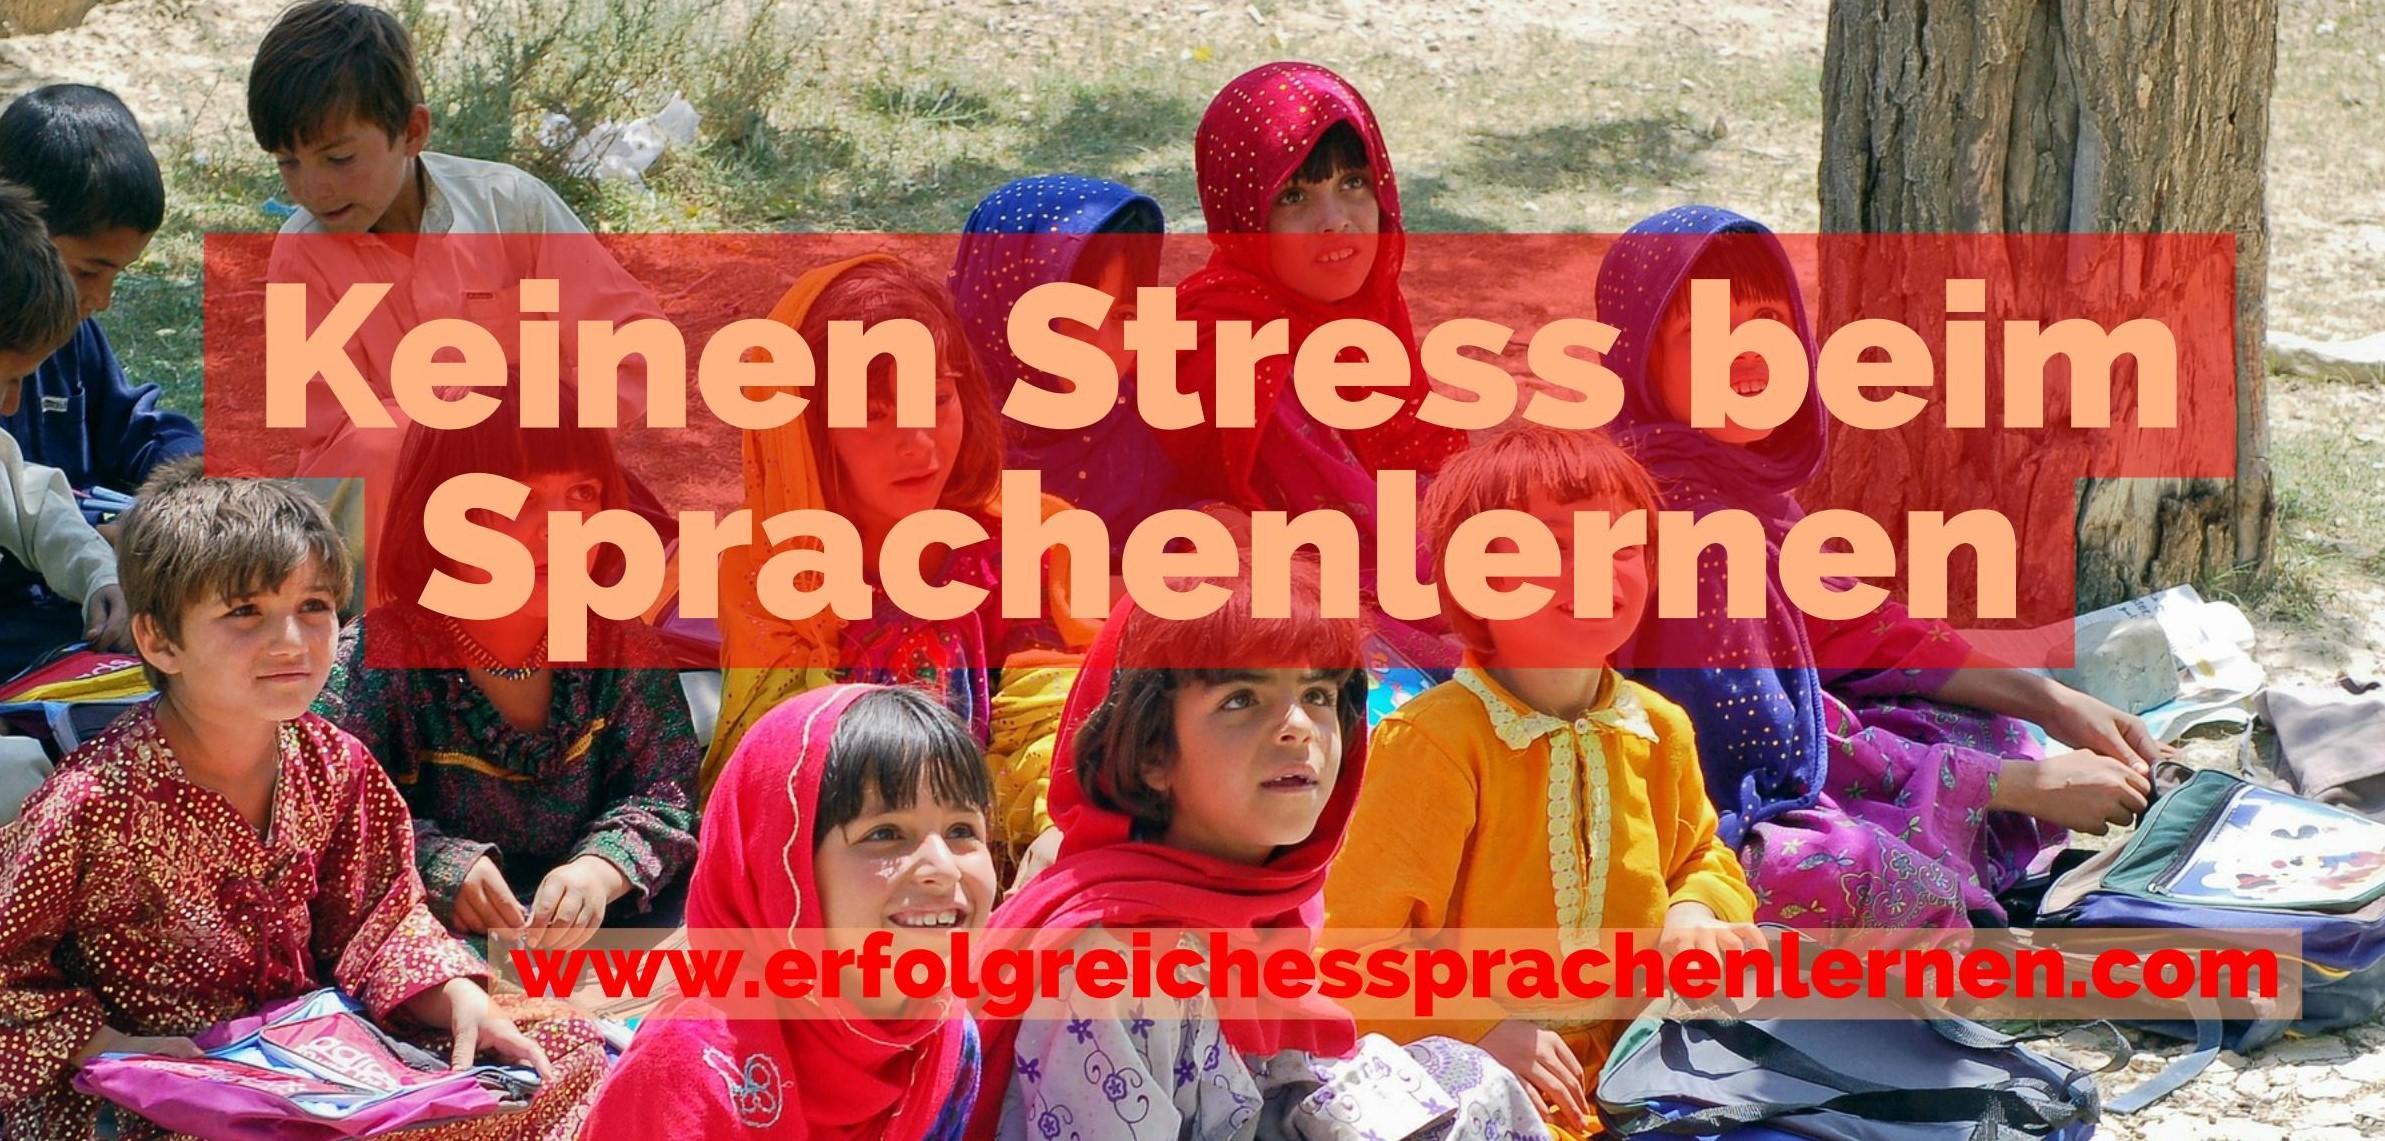 Keinen Stress beim Sprachenlernen